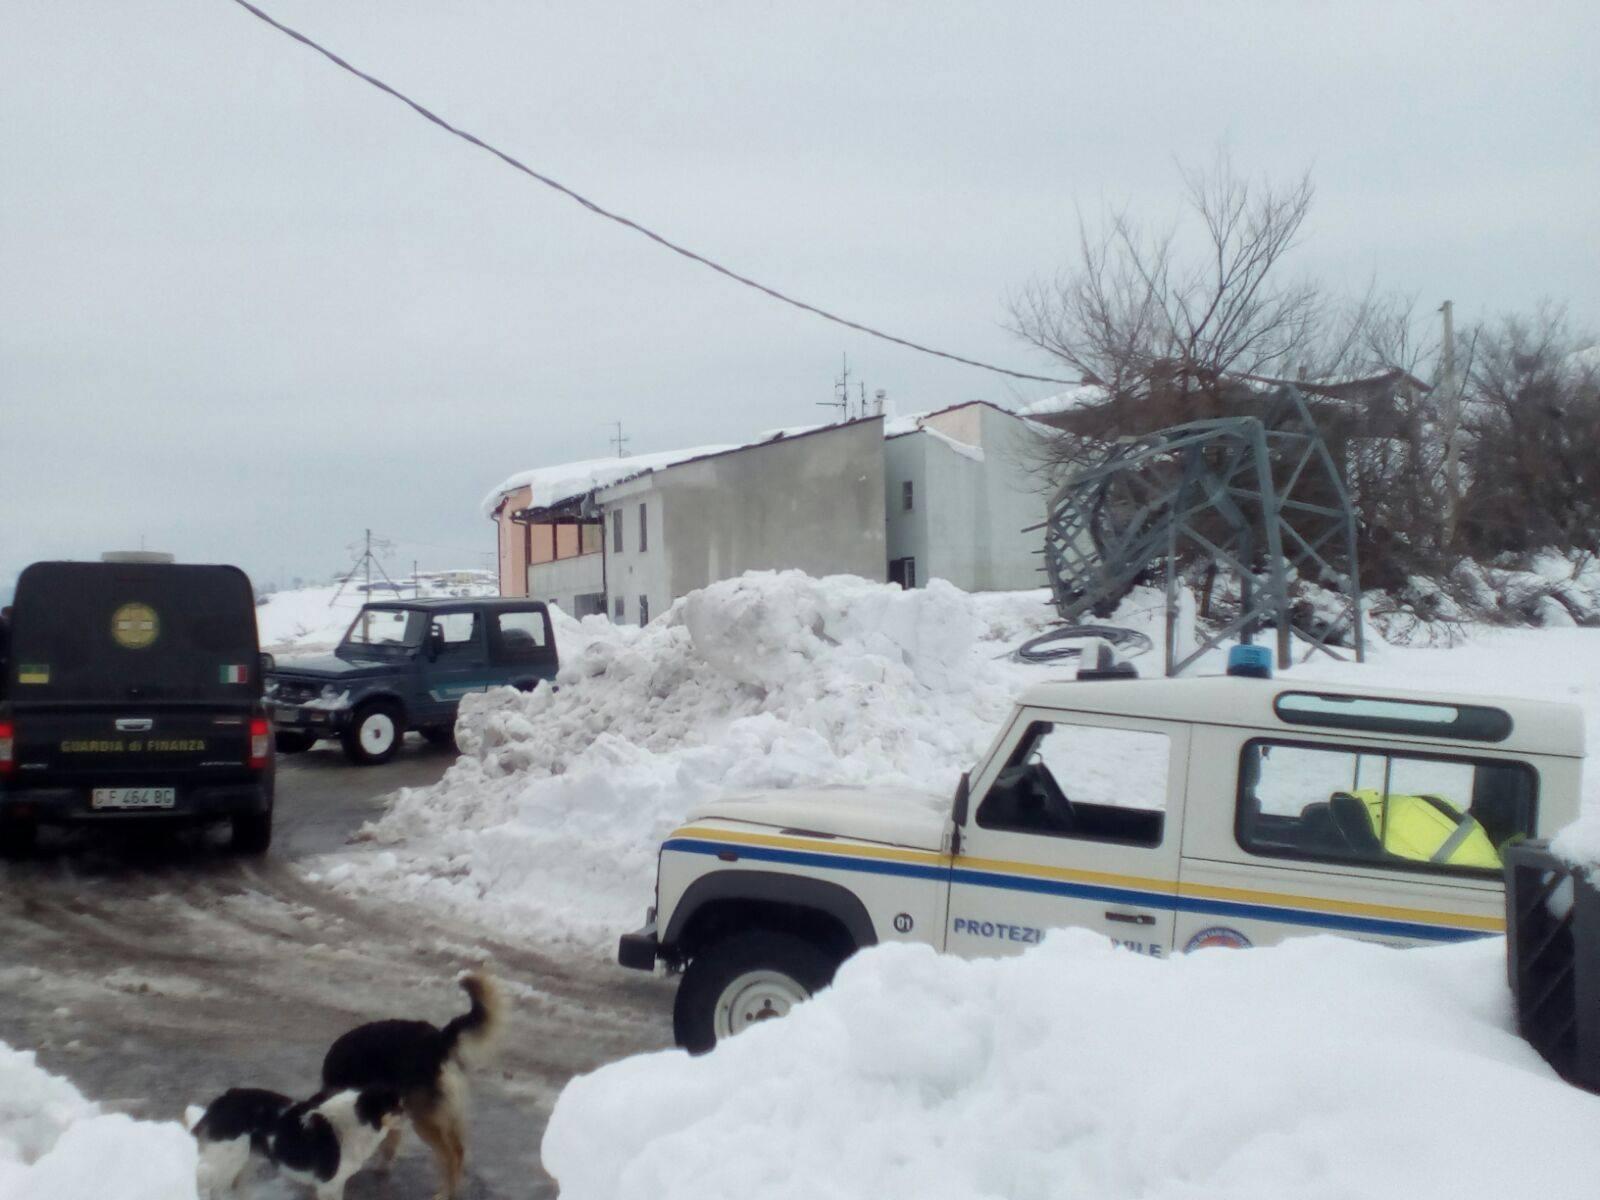 Emergenza neve in Centro Italia: il cuore straordinario dell'Italia che sa aiutare gli altri | Emergency Live 4